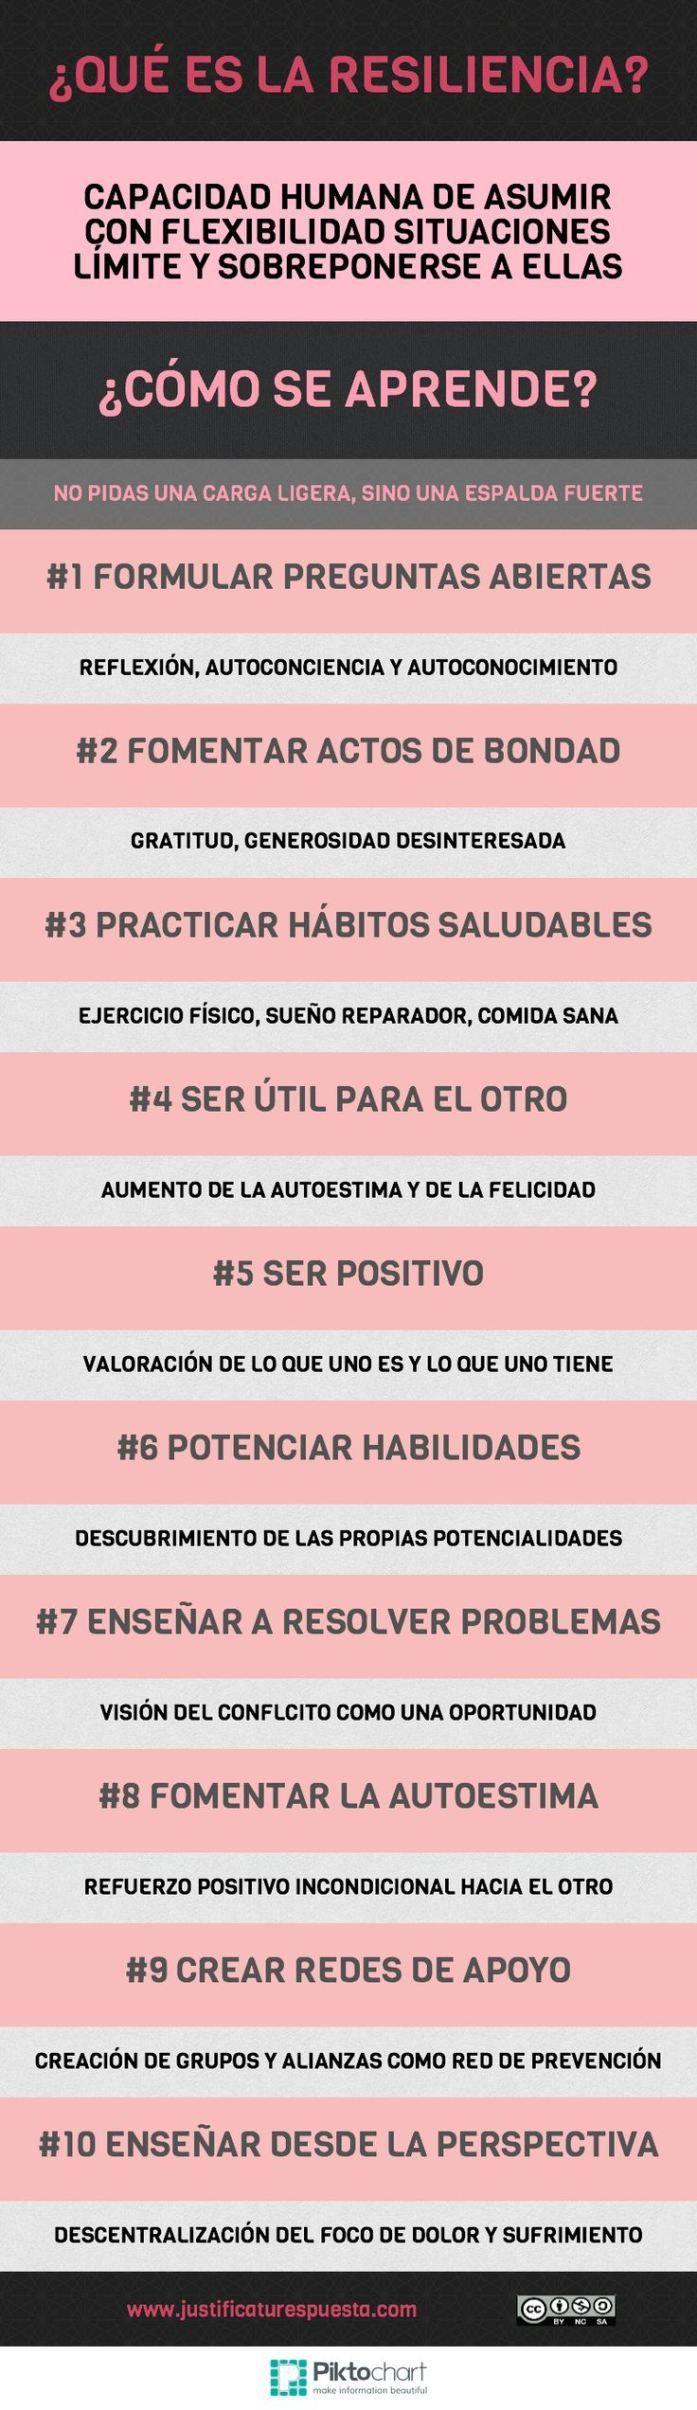 ResilienciaCómoAprenderDesarrollarla-Infografía-BlogGesvin More